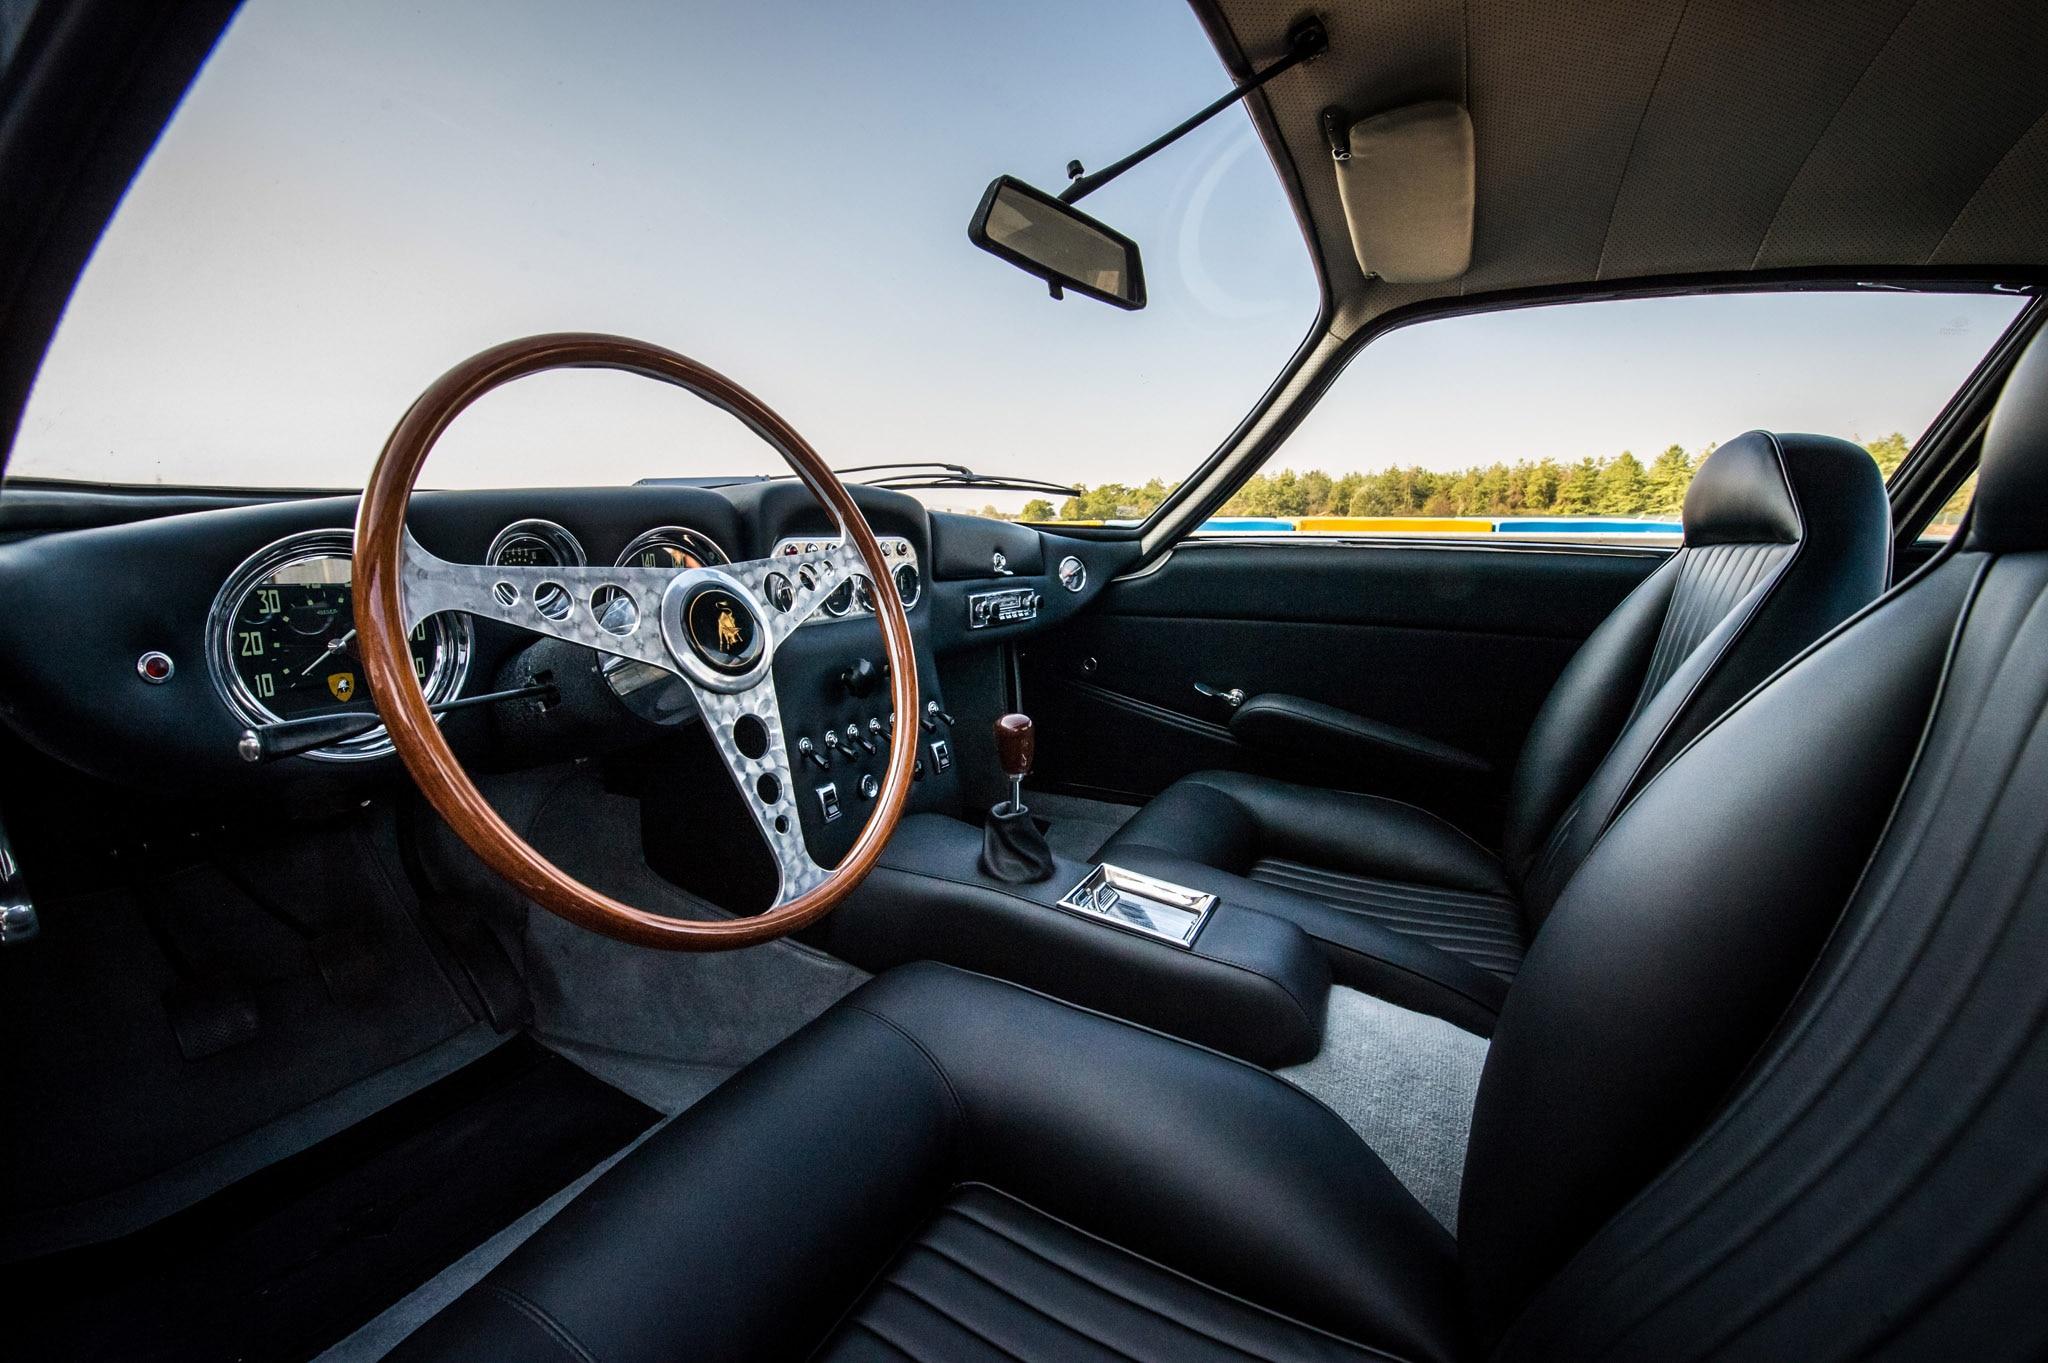 https://st.automobilemag.com/uploads/sites/11/2016/10/1964-Lamborghini-350-GT-interior-wheel.jpg